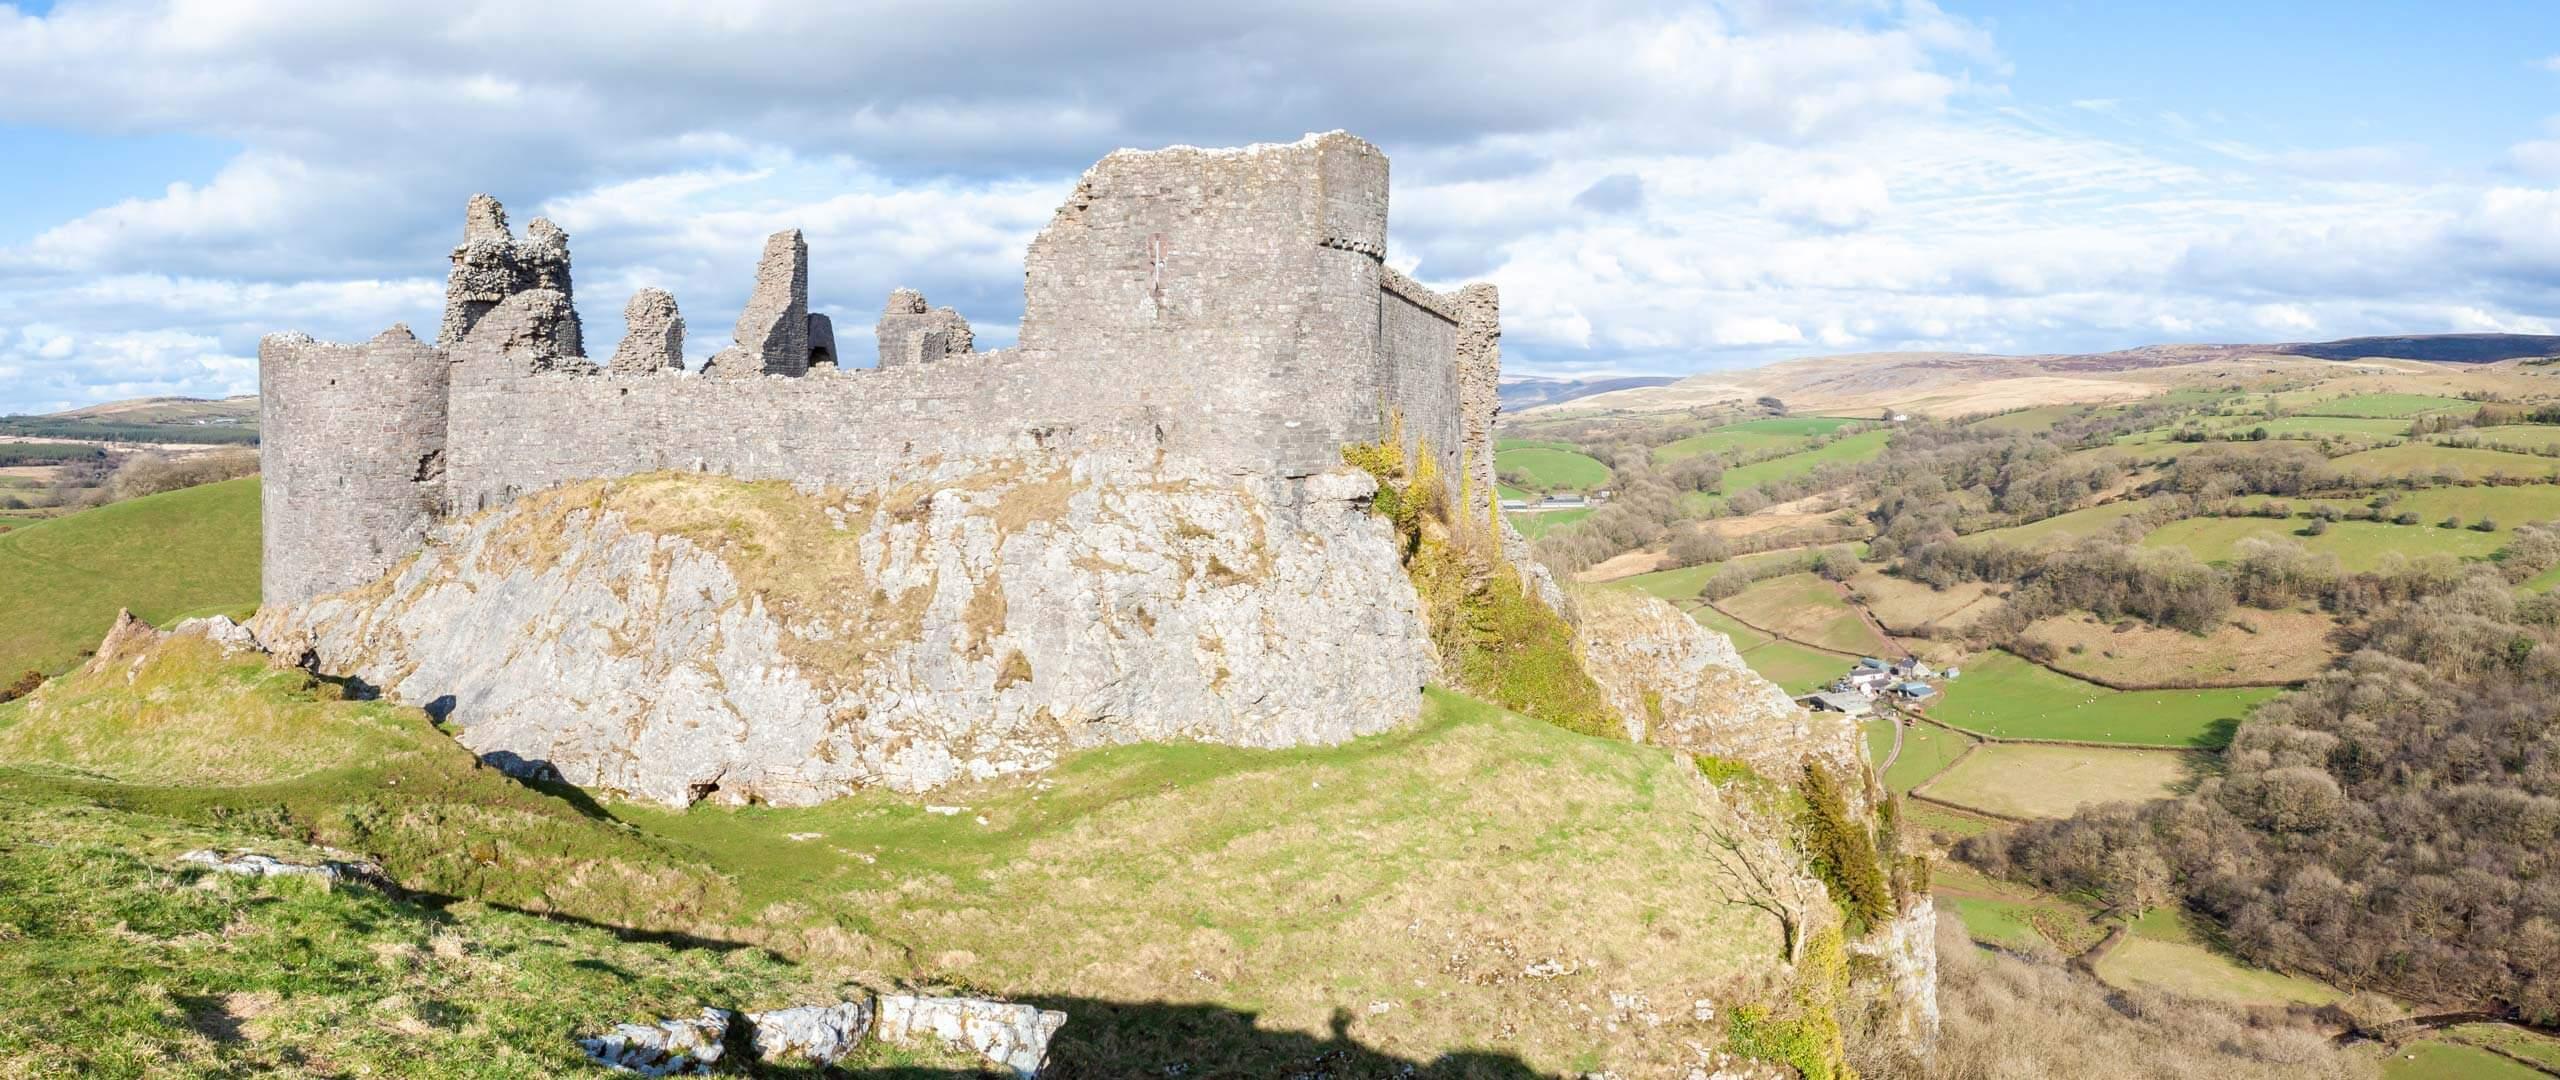 Panoramablick auf Carreg Cennen Castle mit der umliegenden Landschaft